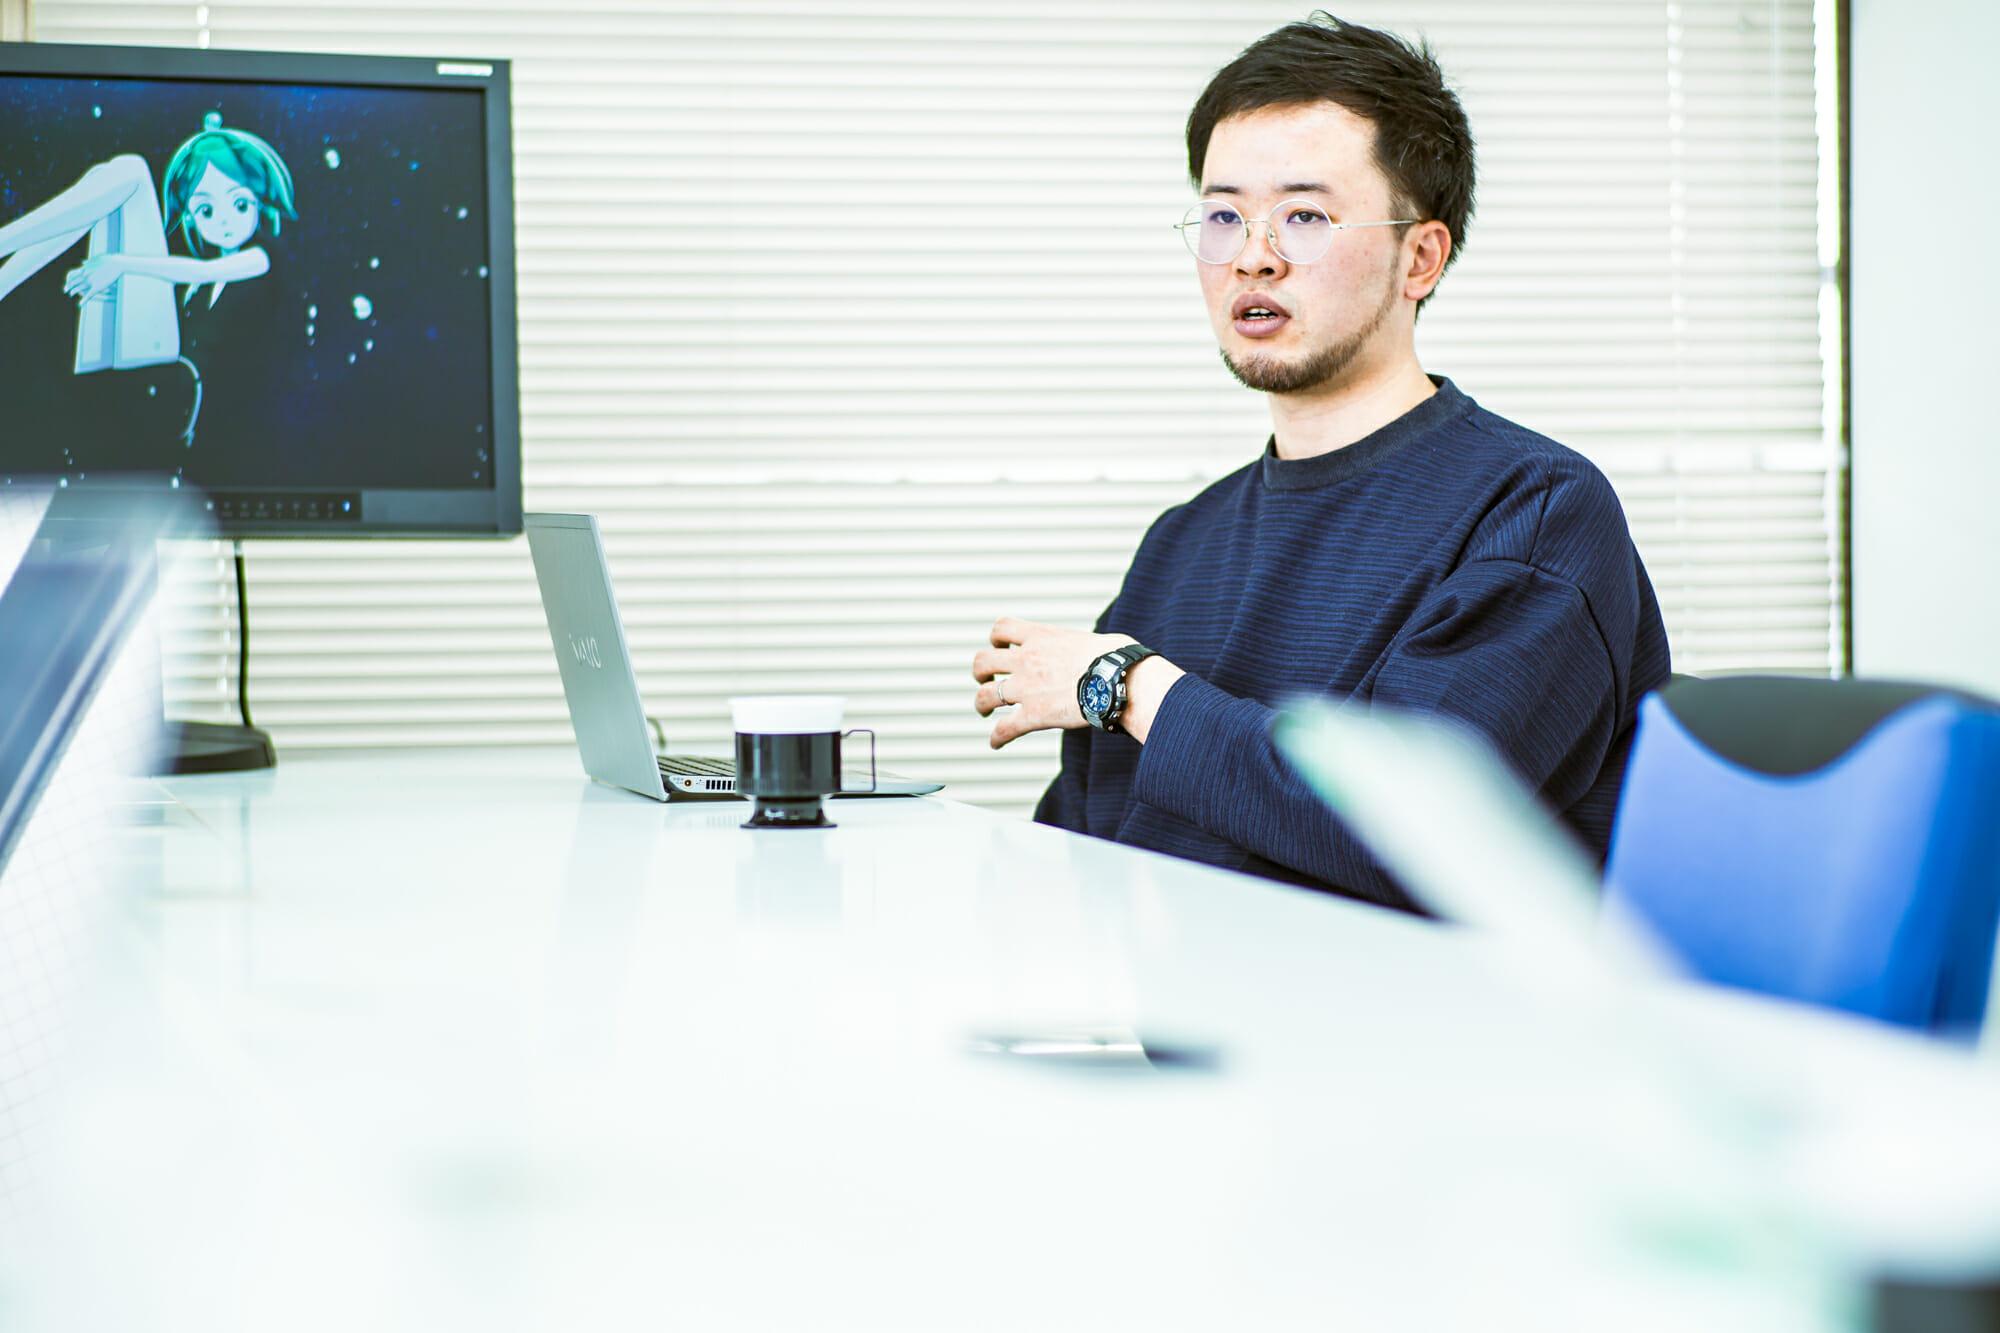 有限会社オレンジ 和氣澄賢さん